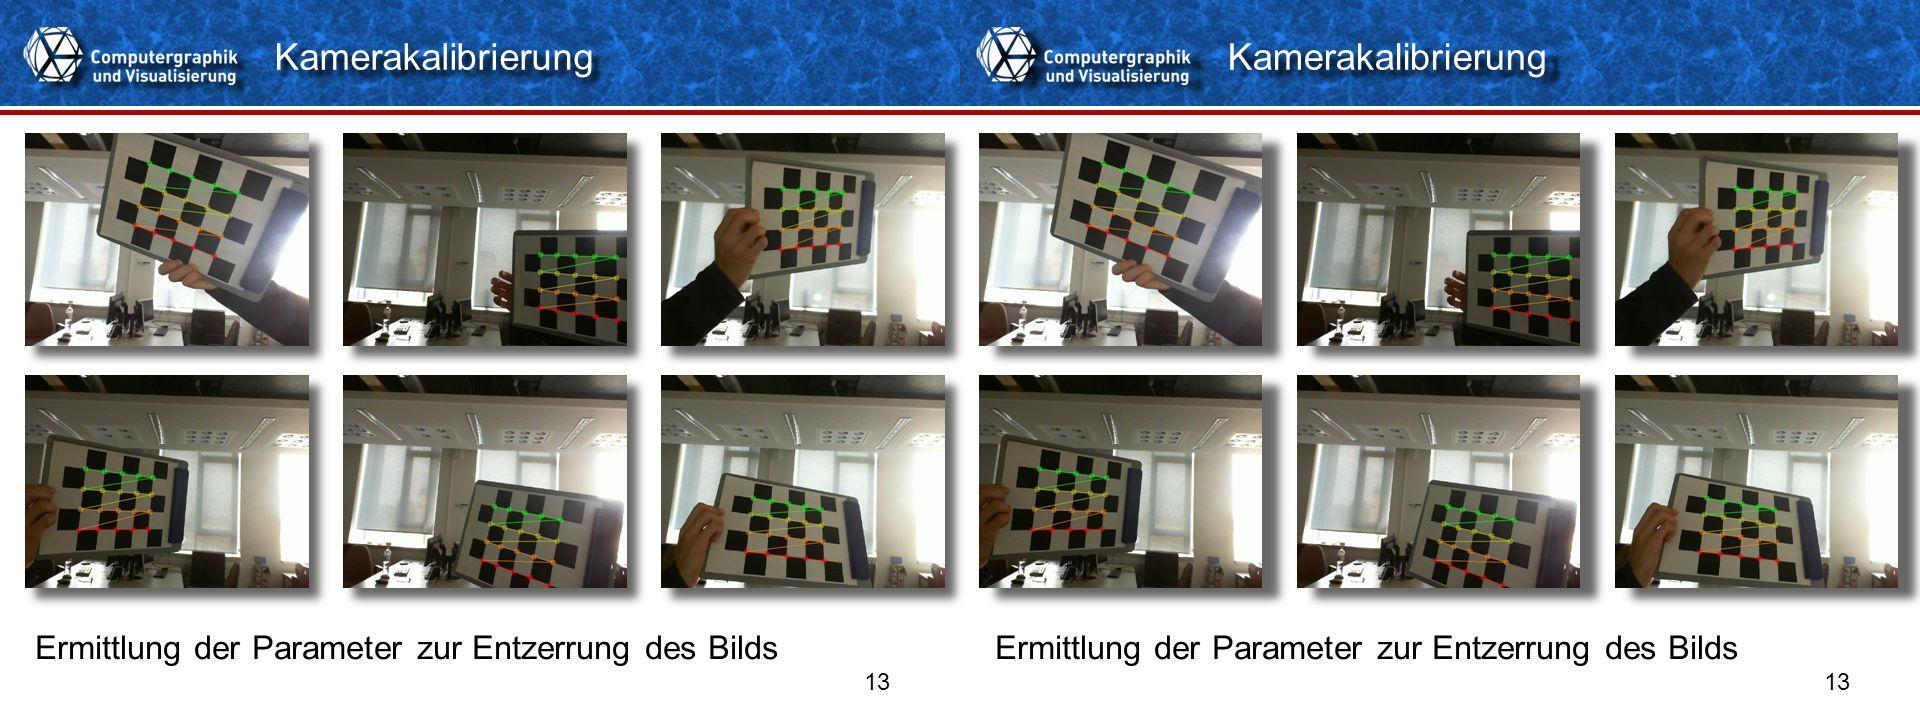 Titelformat Einzeiler 13 Kamerakalibrierung Ermittlung der Parameter zur Entzerrung des Bilds